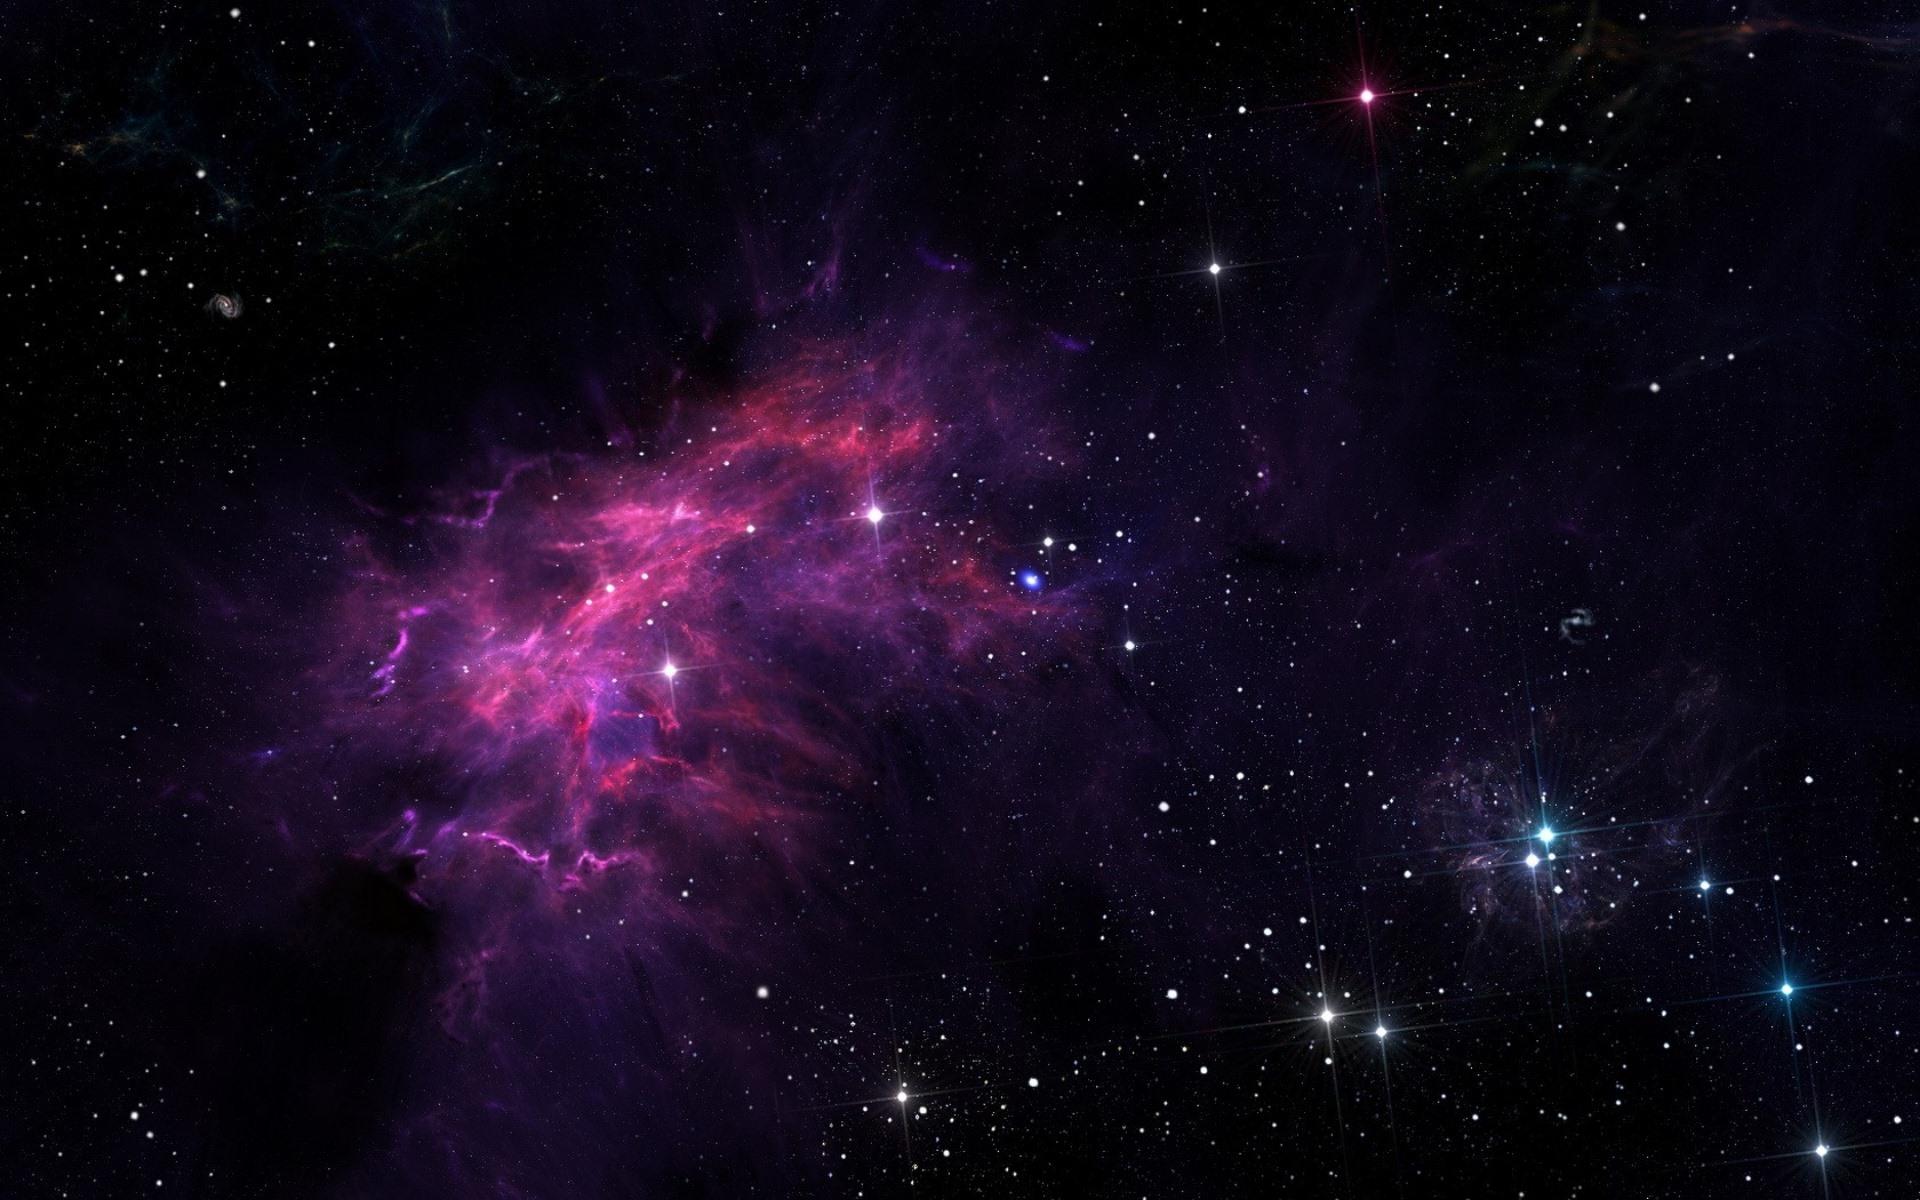 Wallpaper Stars, galaxy, purple light, space 1920x1200 HD